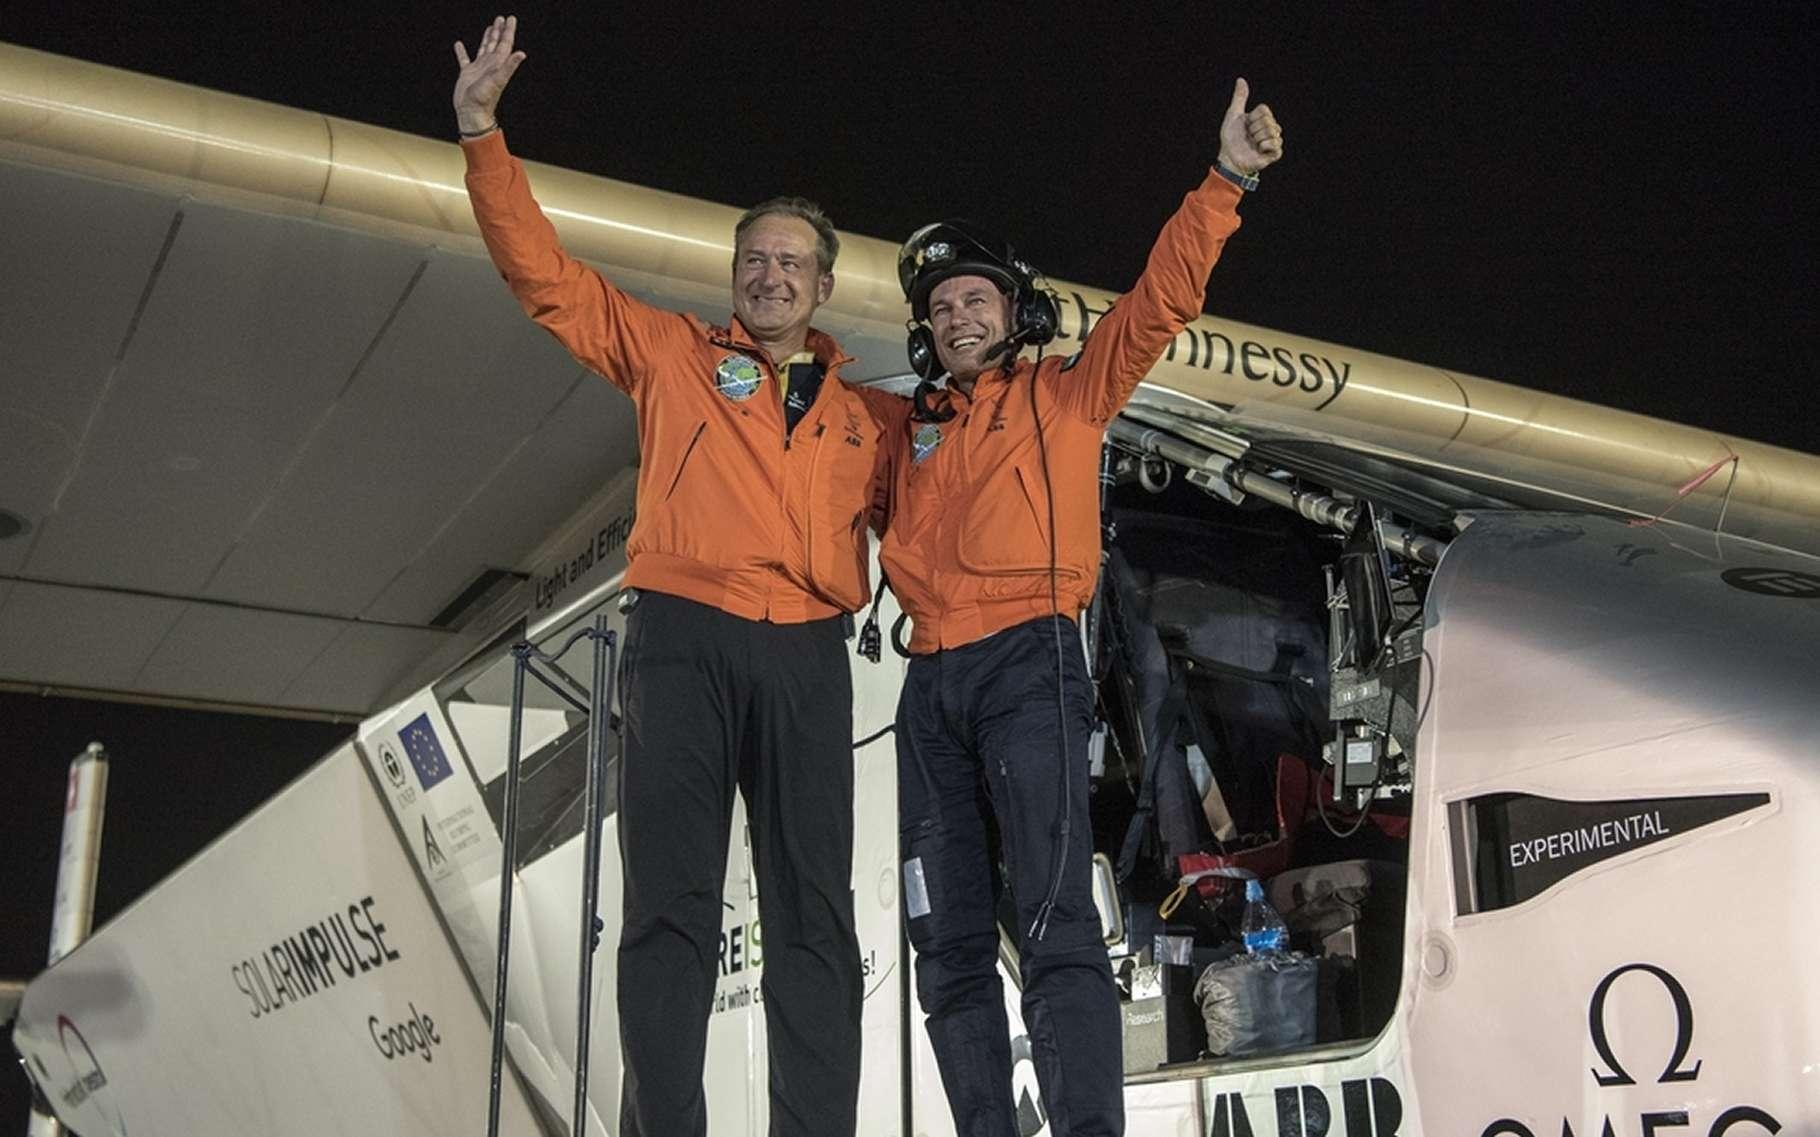 André Borschberg (à gauche) accueille Bertrand Piccard (à droite), qui descend de l'avion solaire lors de son arrivée à Abou Dhabi, marquant la fin du tour du monde de Solar Impulse. © Solar Impulse